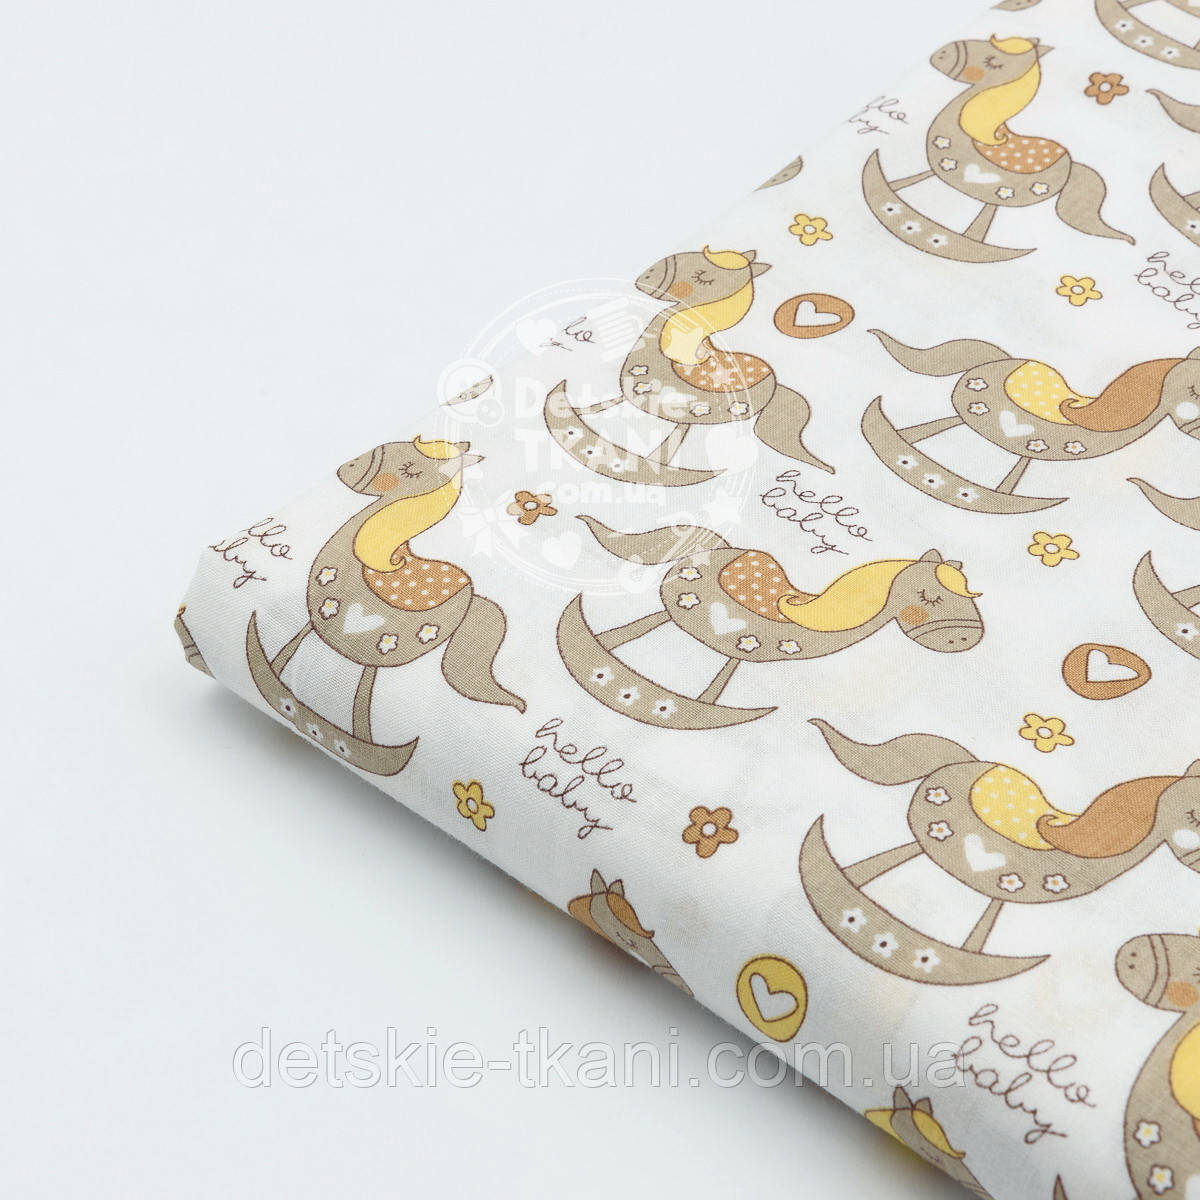 Лоскут ткани №739а размером 26*80 см